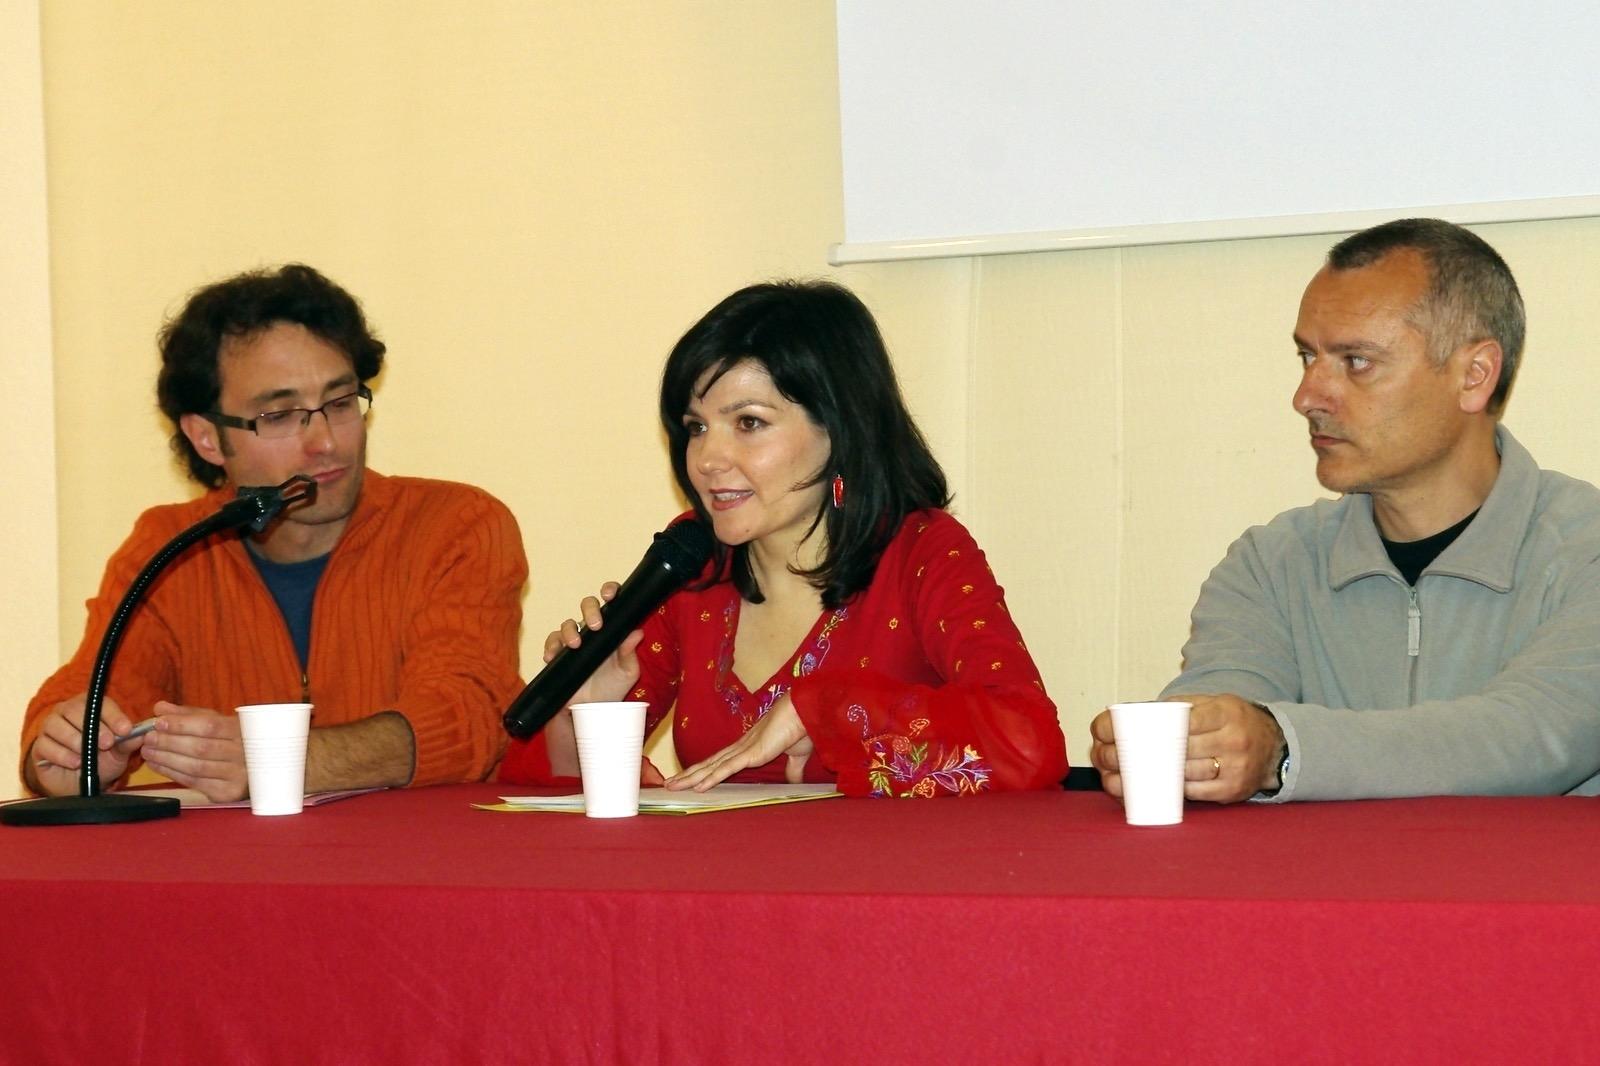 Presentació de l'IEVM. Sala Joan de Joanes, Bocairent, 9 d'abril de 2010.